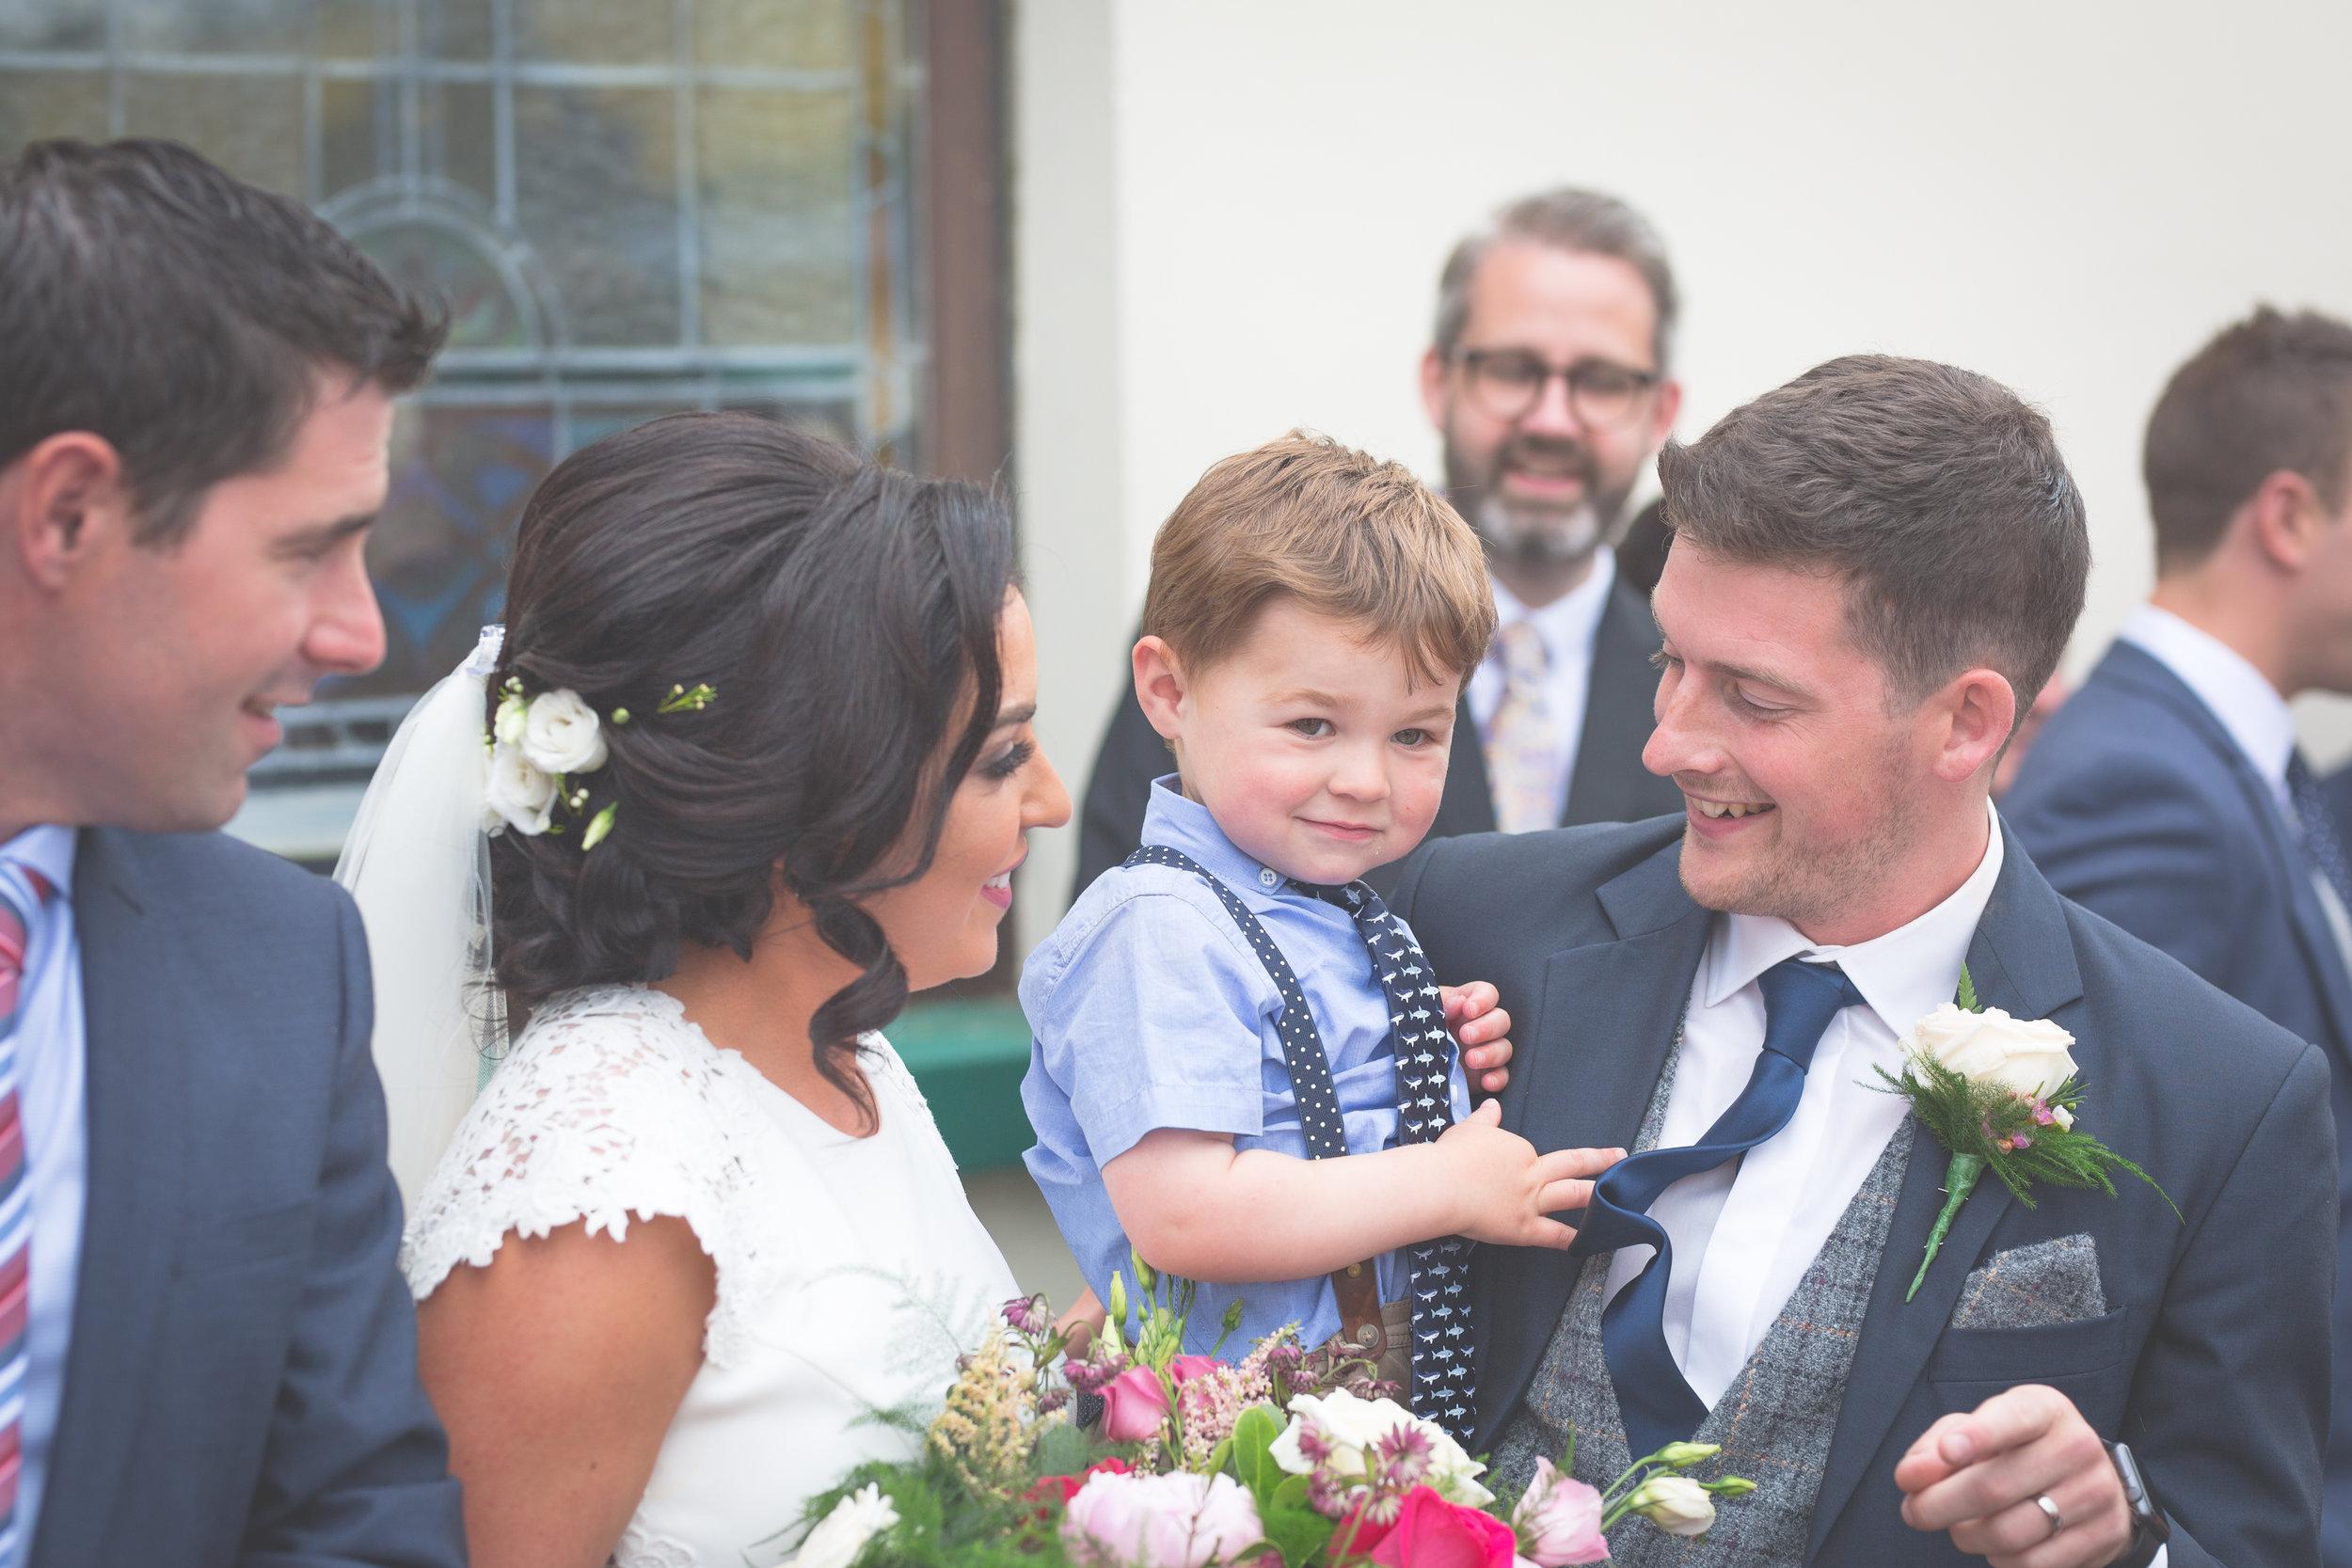 Brian McEwan Wedding Photography   Carol-Anne & Sean   The Ceremony-120.jpg